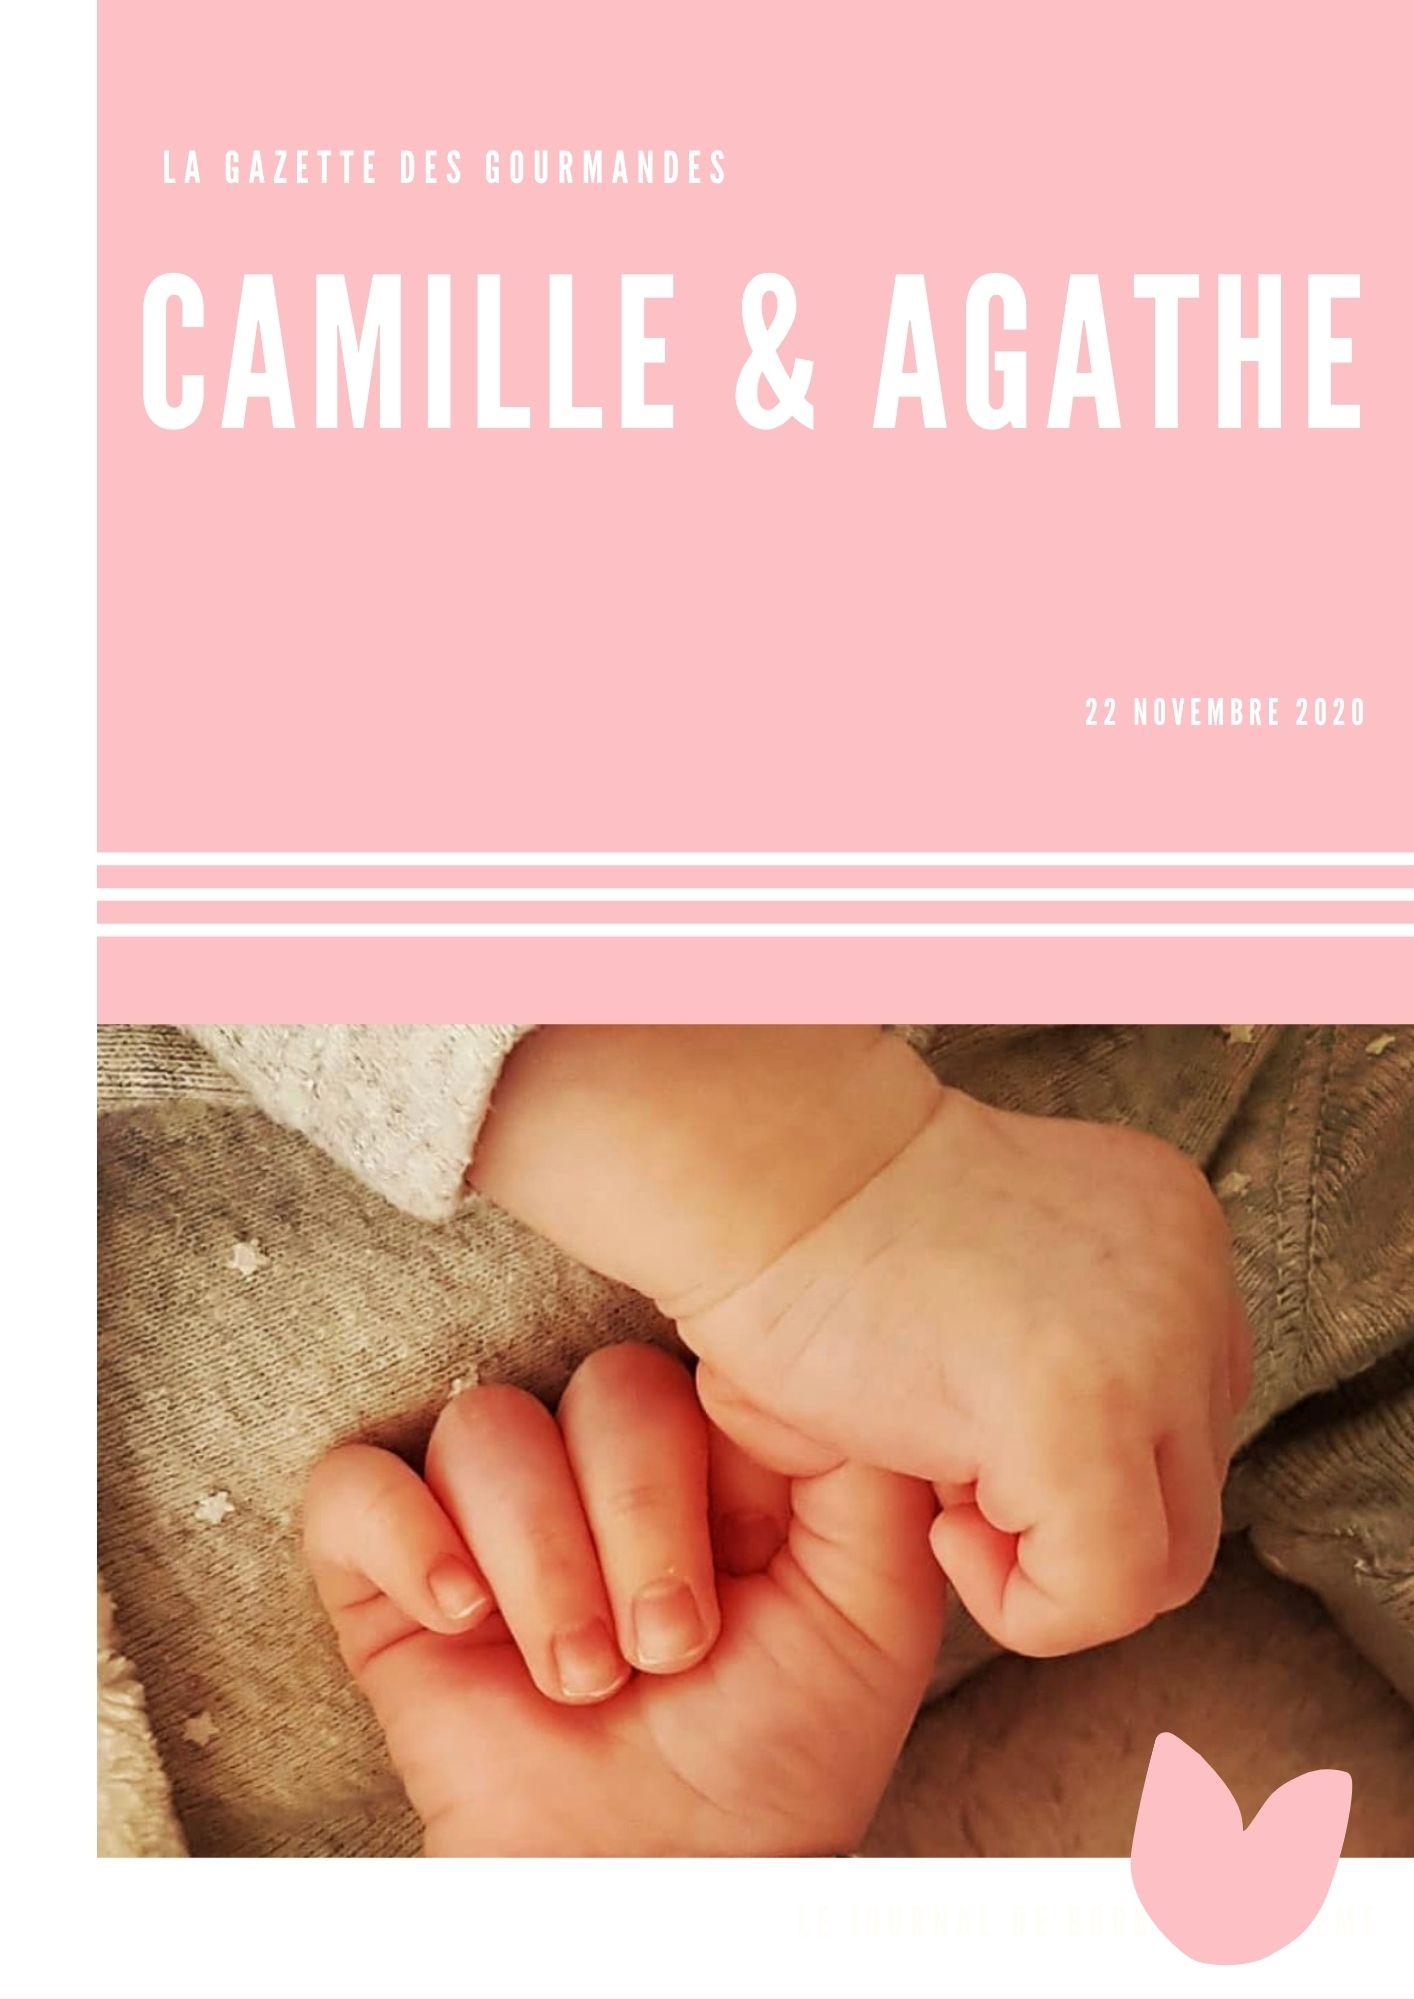 La gazette de Baptême de Camille & Agathe